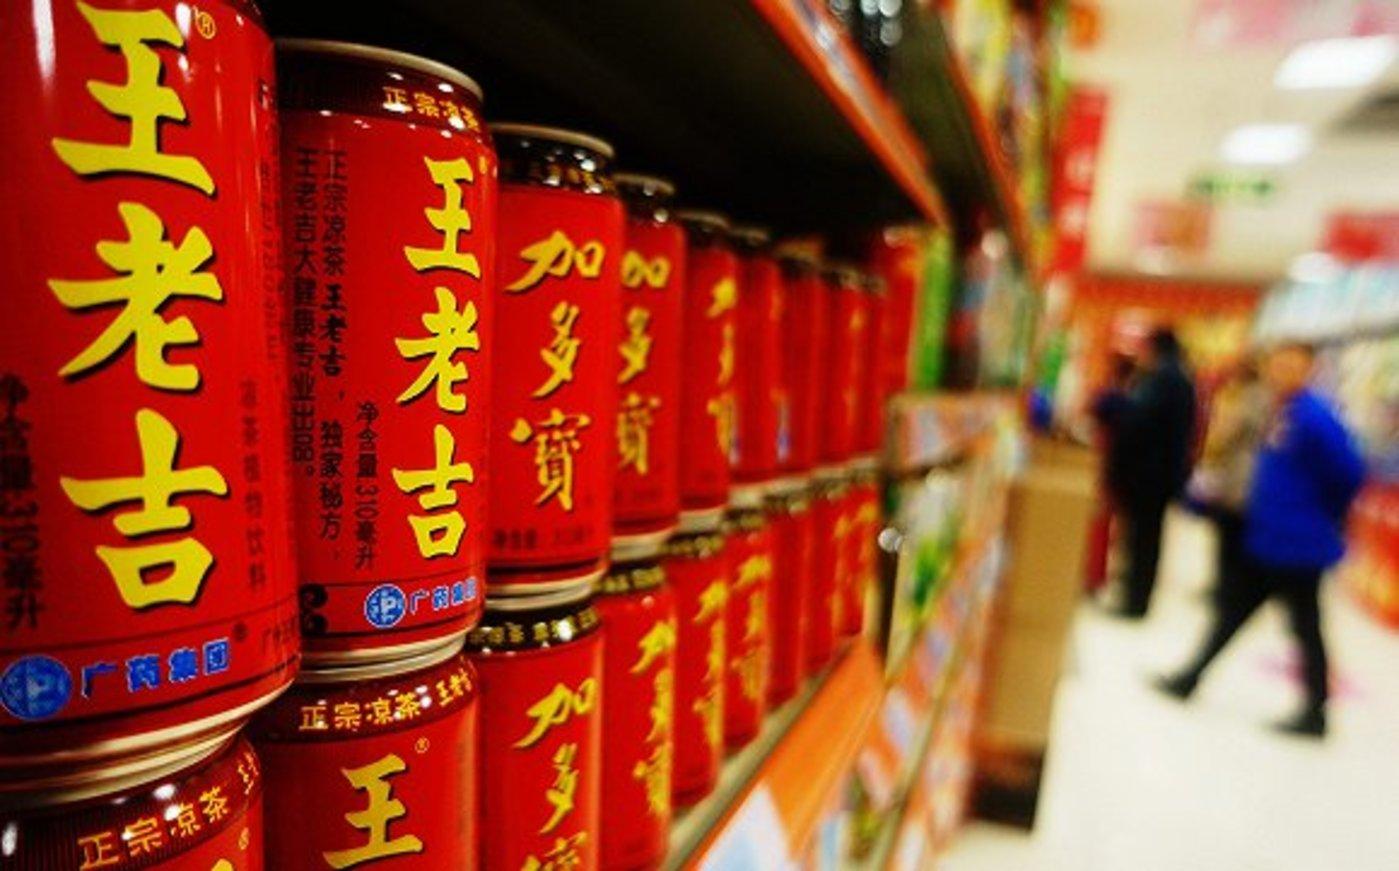 两个红罐凉茶在卖场竞争激烈。(图片来源:视觉中国)